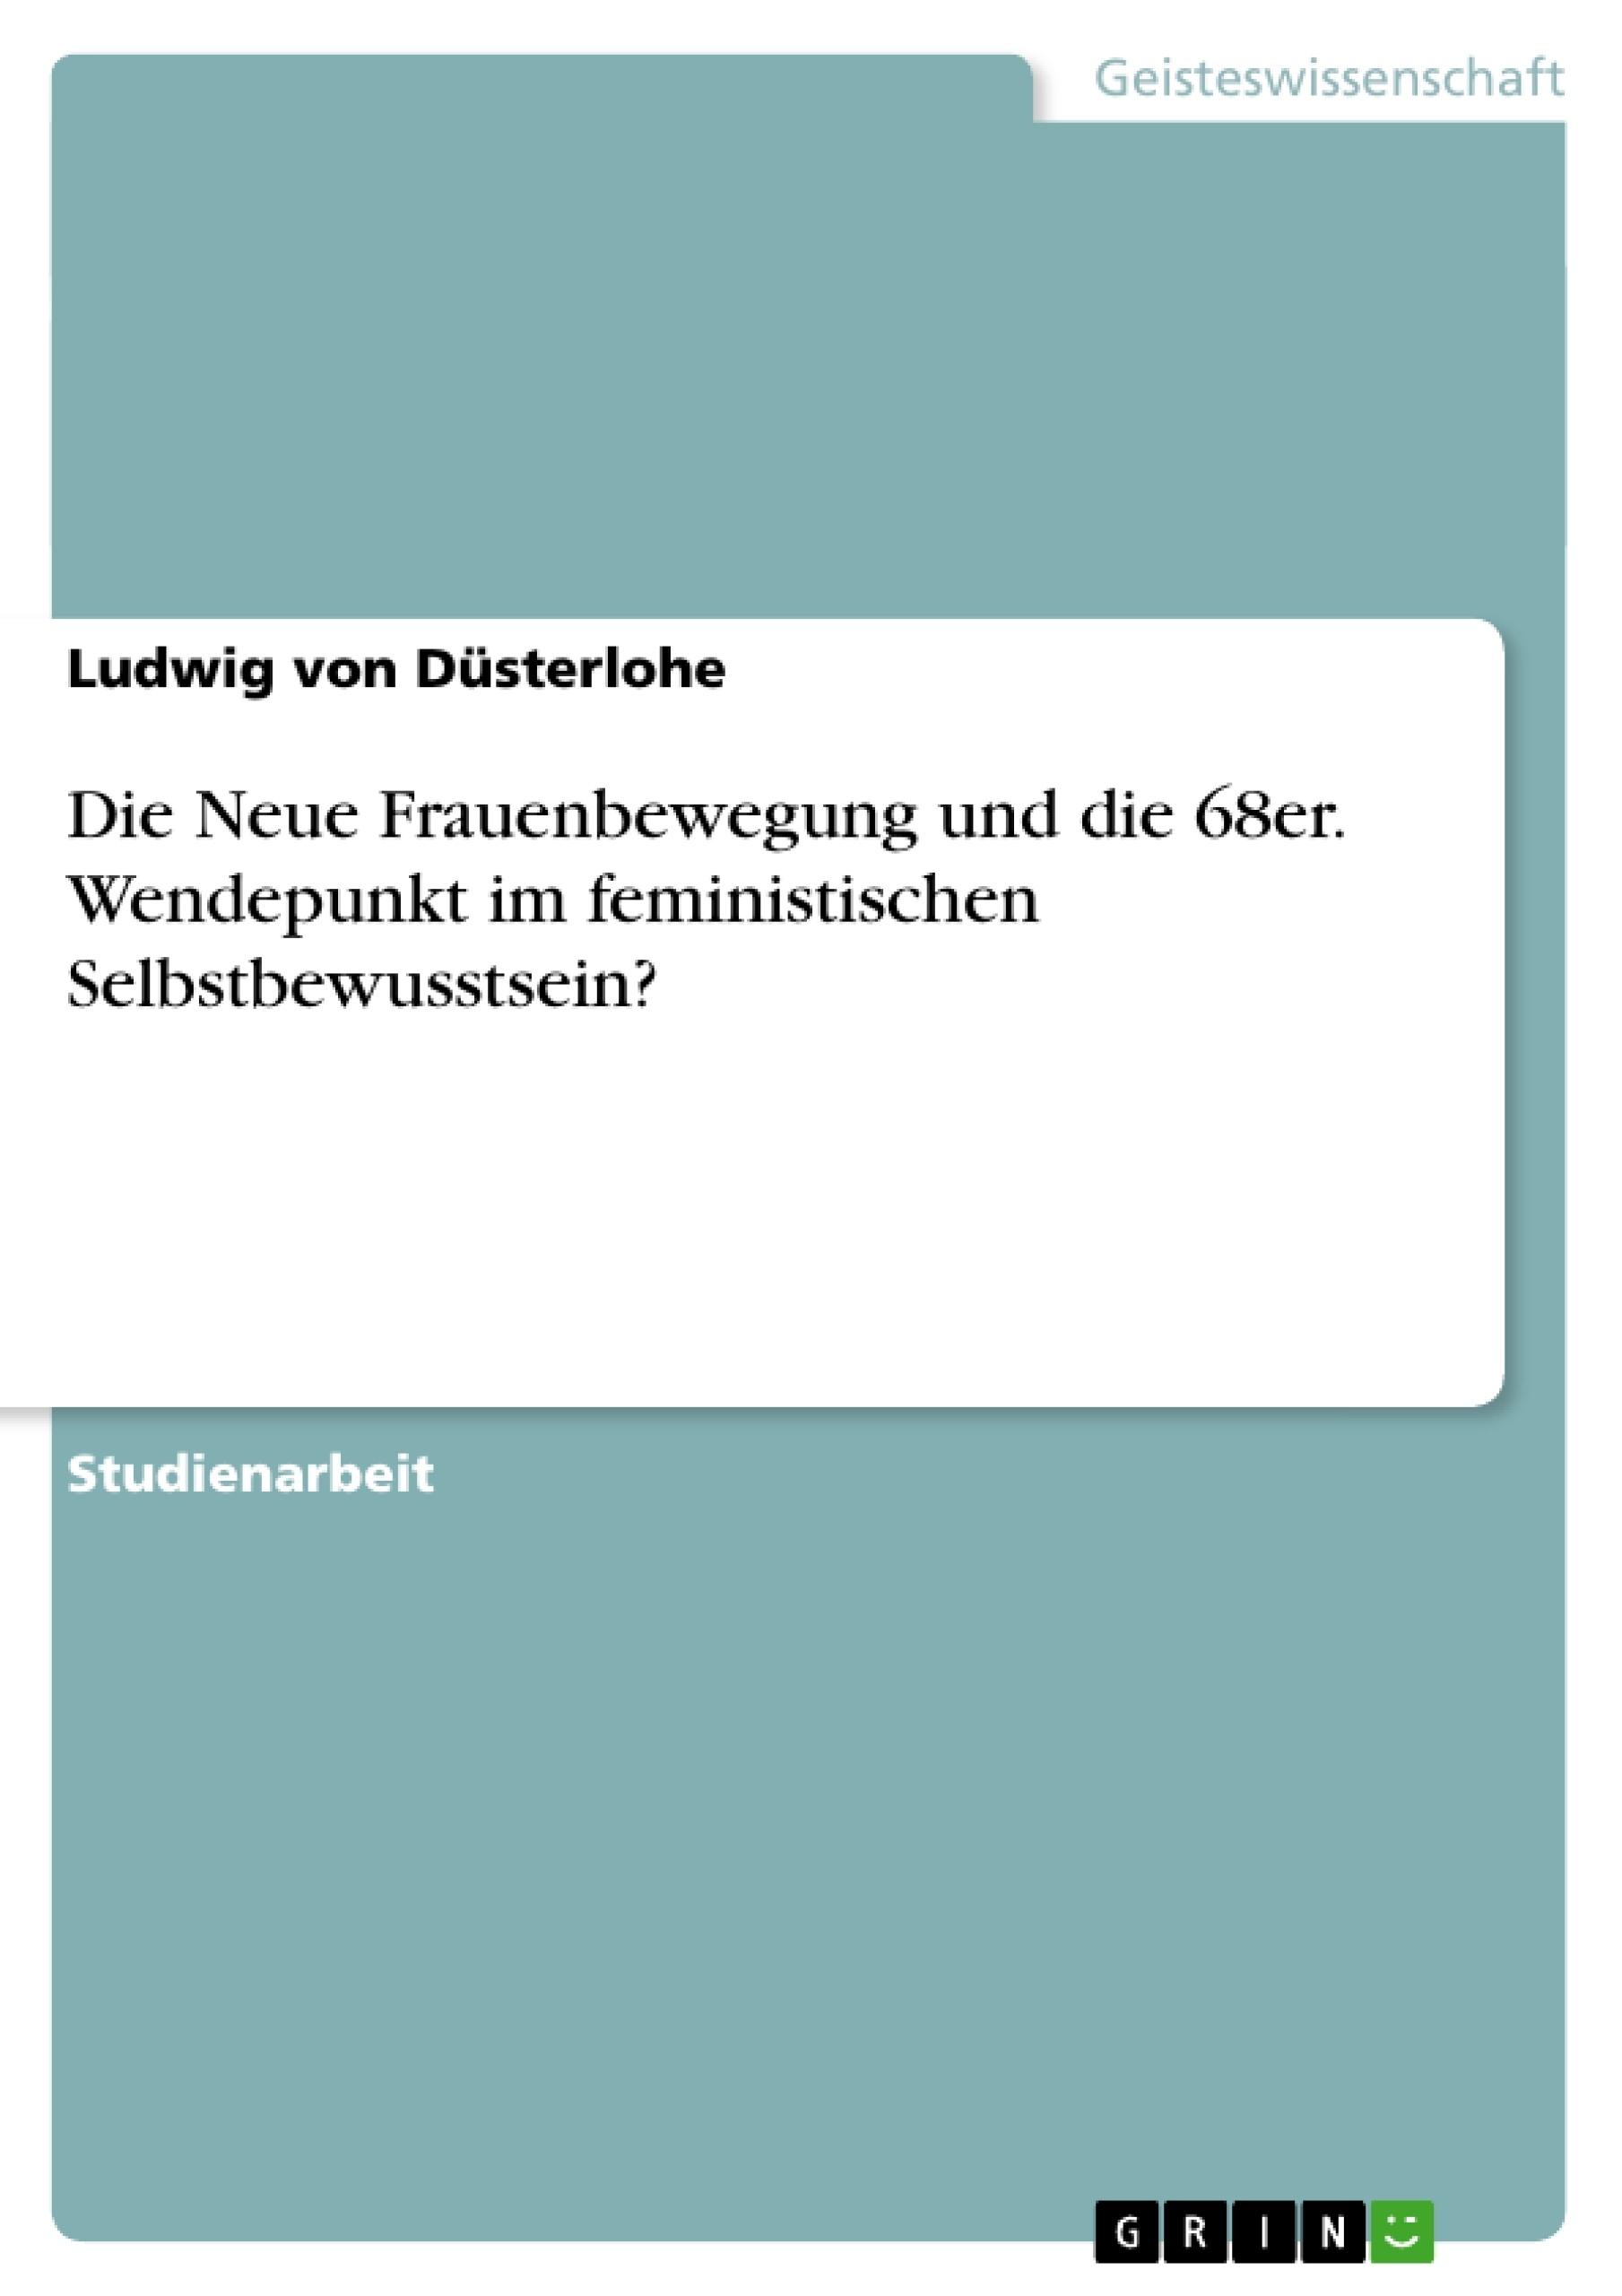 Titel: Die Neue Frauenbewegung und die 68er. Wendepunkt im feministischen Selbstbewusstsein?